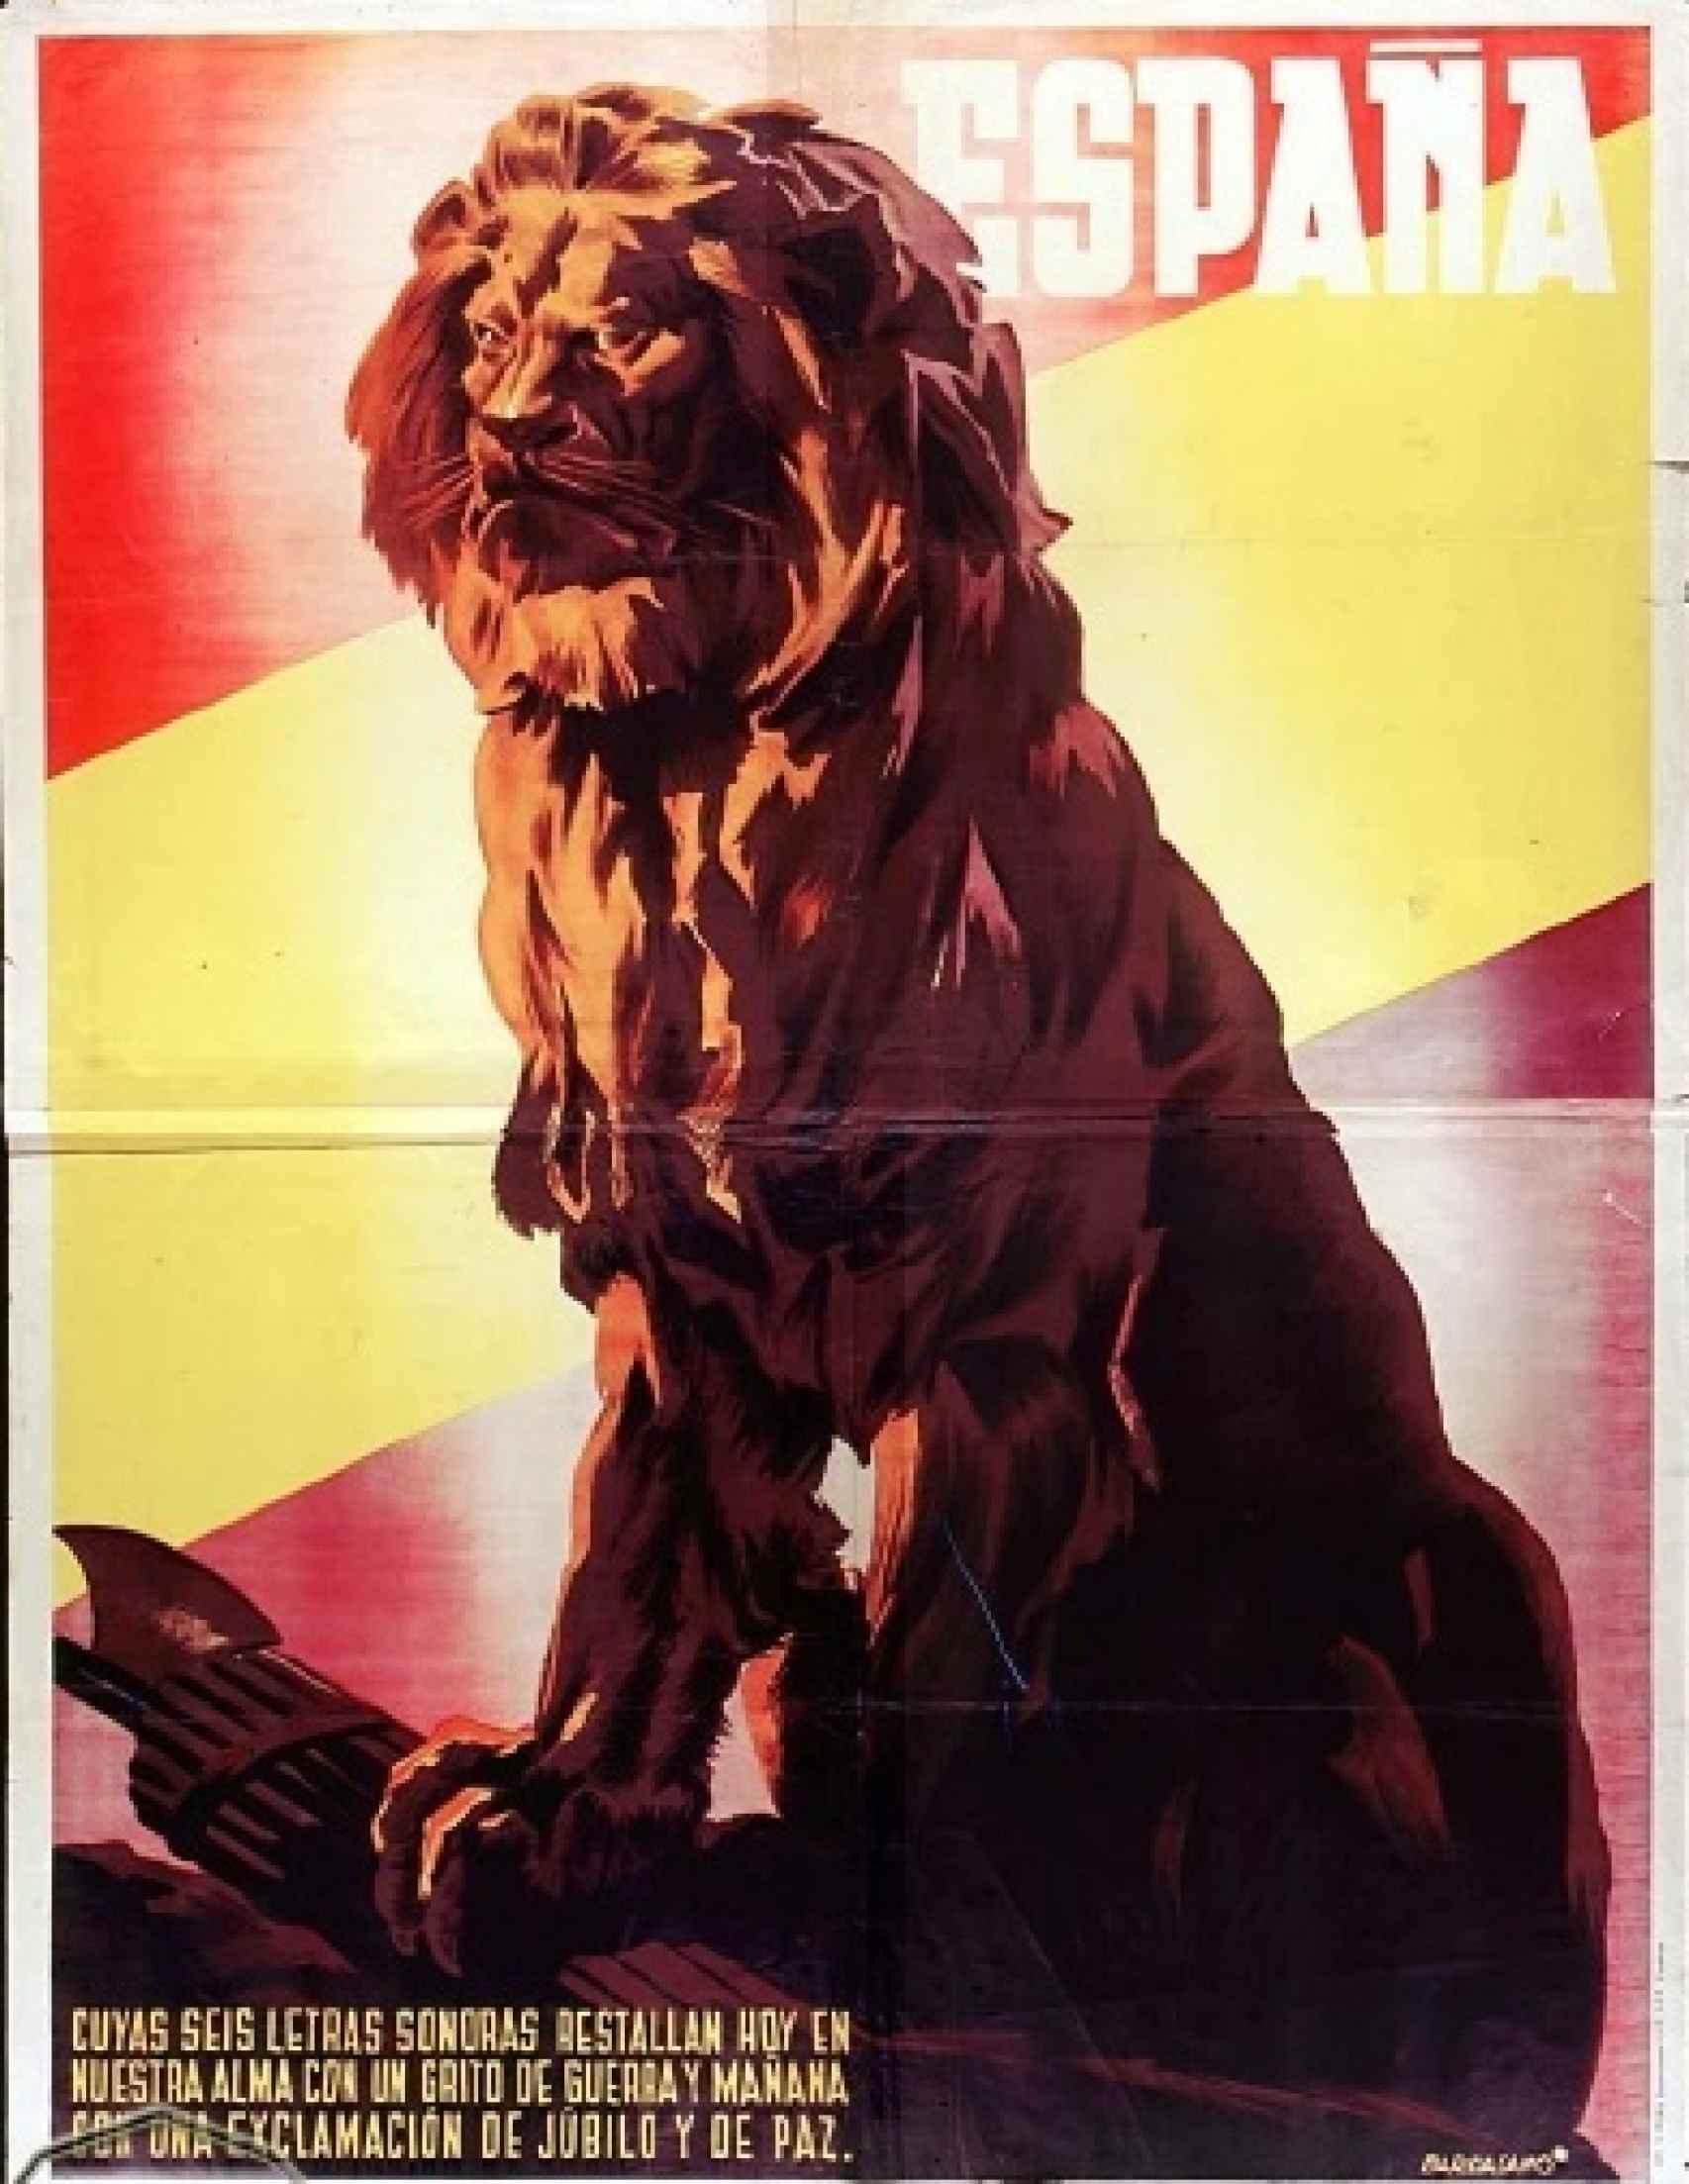 Cartel propagandístico republicano de José Bardasano.